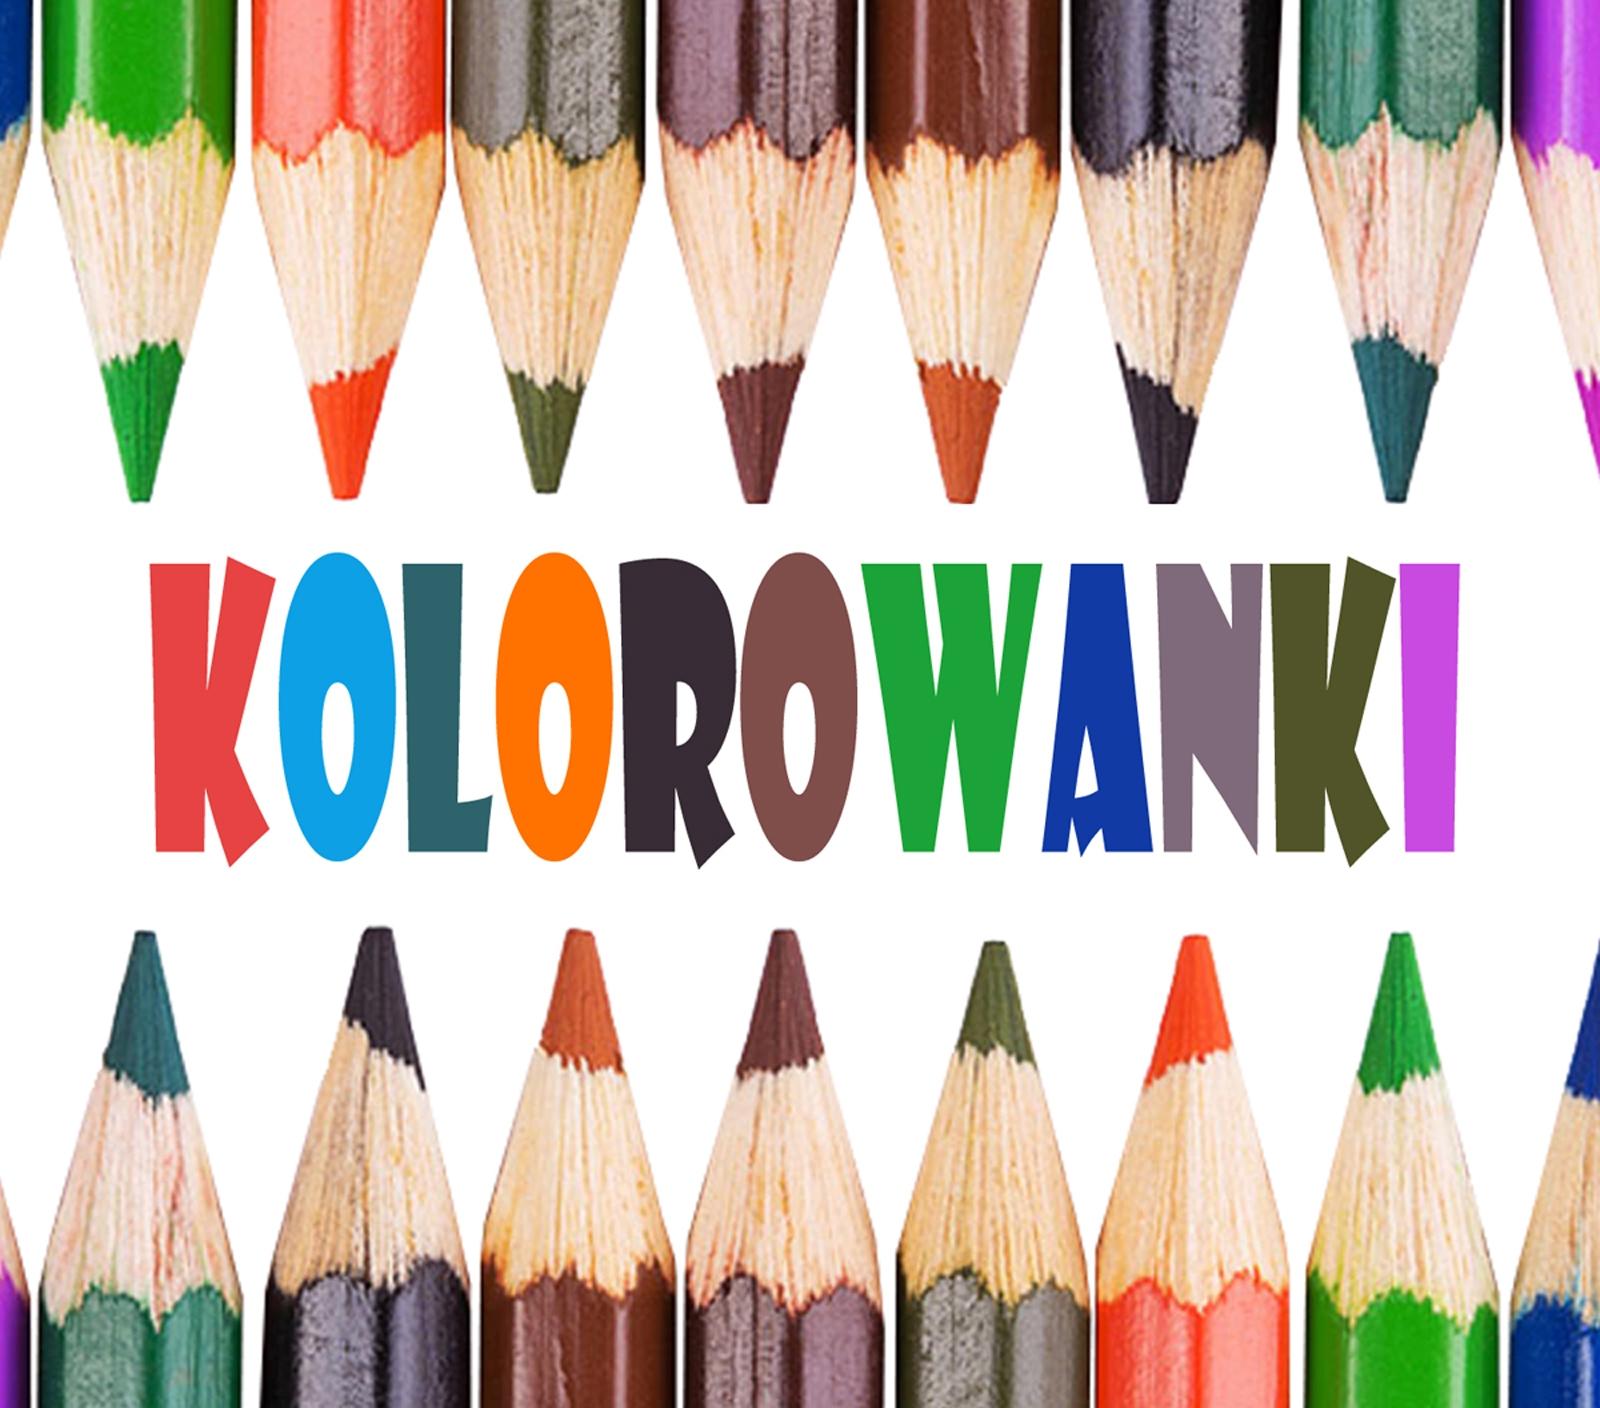 Kolorowanki dla dzieci (@kolorowanka) Cover Image